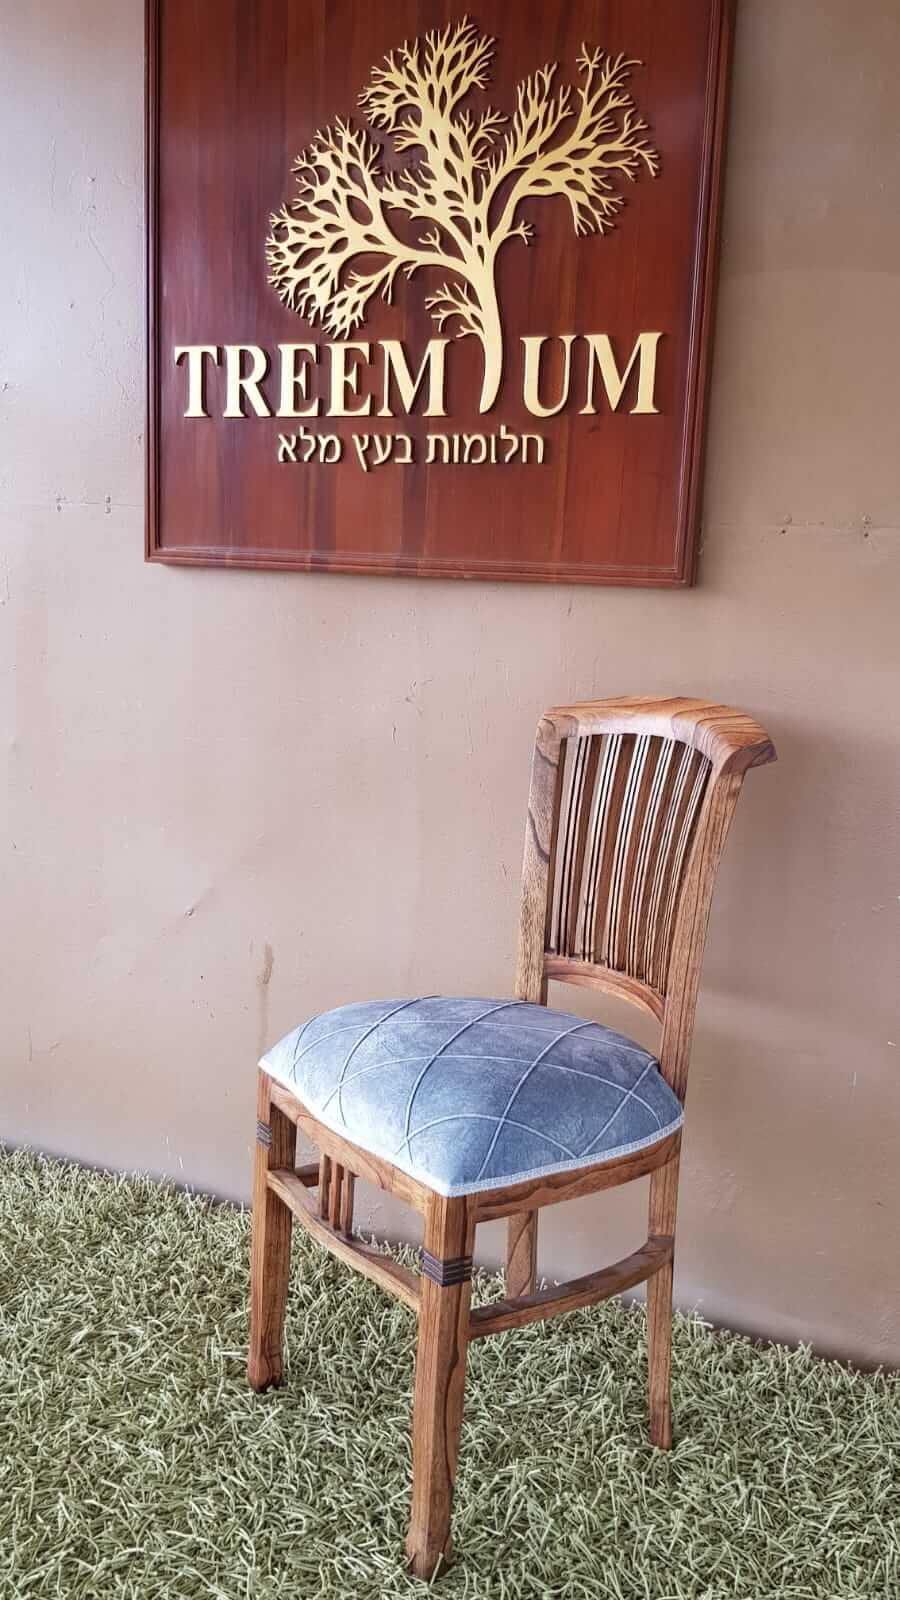 f&c_new_treemium_(7)